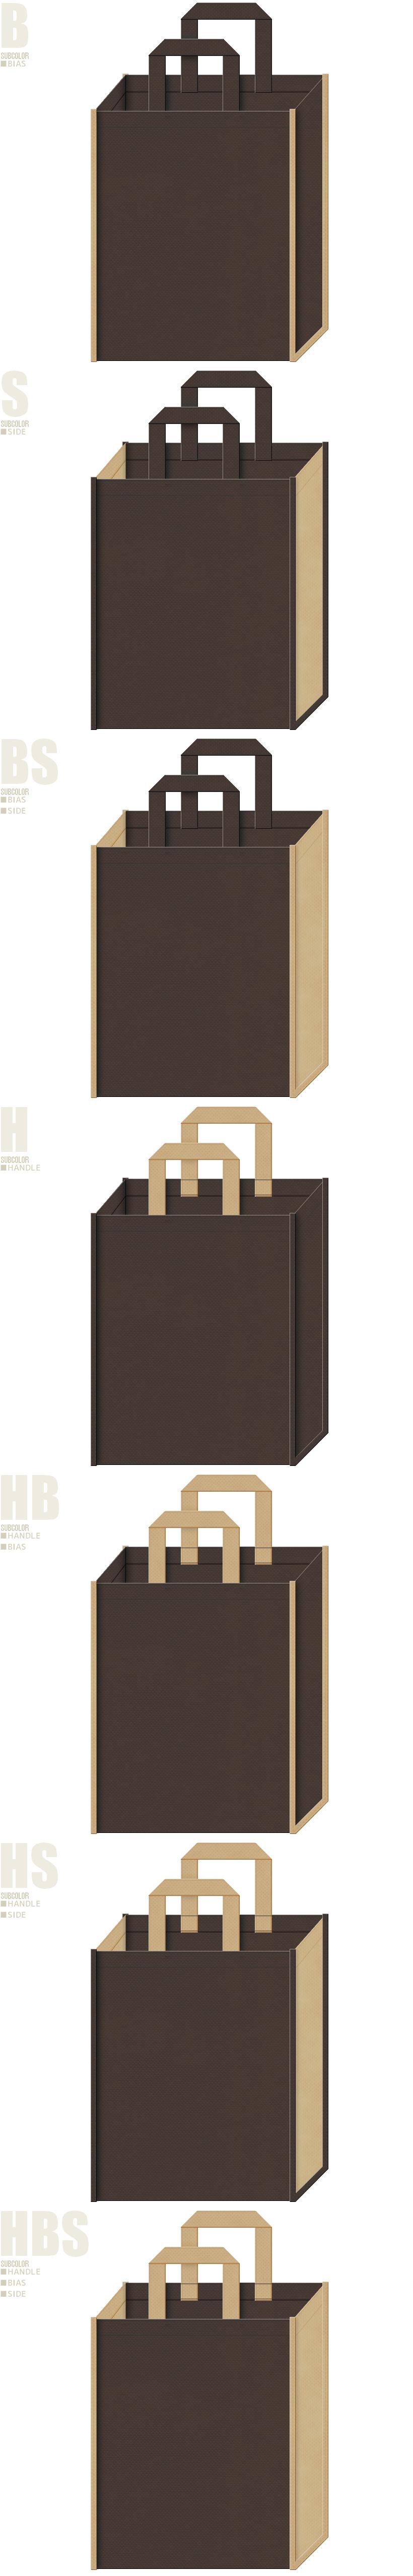 ベーカリー・石窯パン・カフェ・手芸用品・店舗インテリア・住宅の展示会用バッグにお奨めの不織布バッグデザイン:こげ茶色とカーキ色の不織布バッグ配色7パターン。